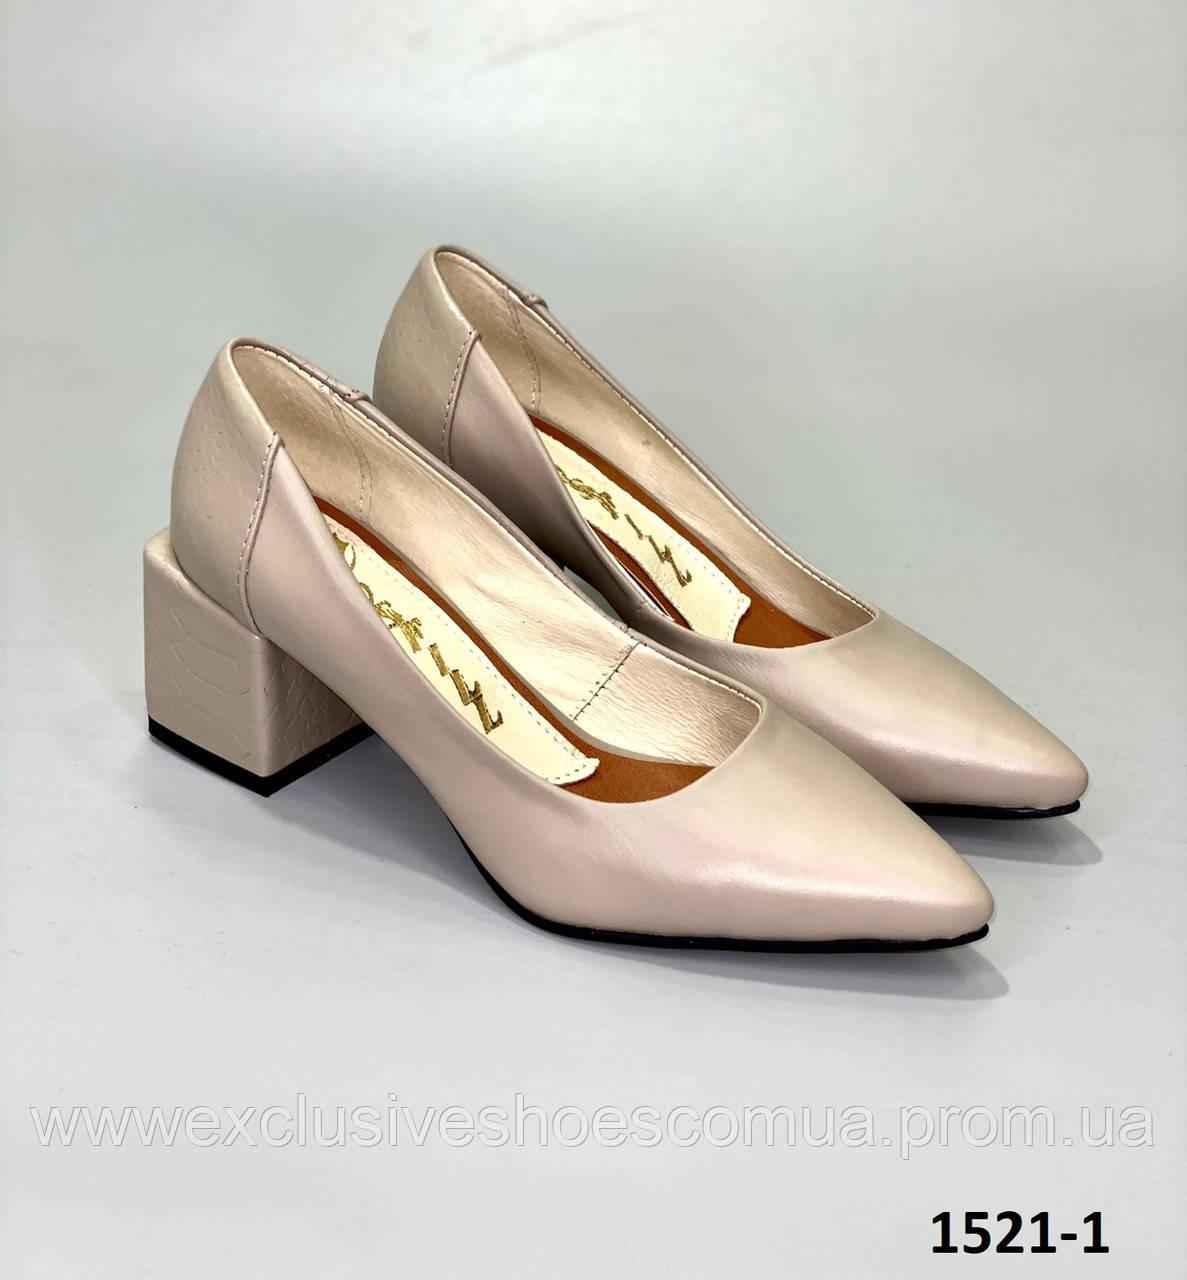 Туфли женские кожаные лодочки остроносые капучино